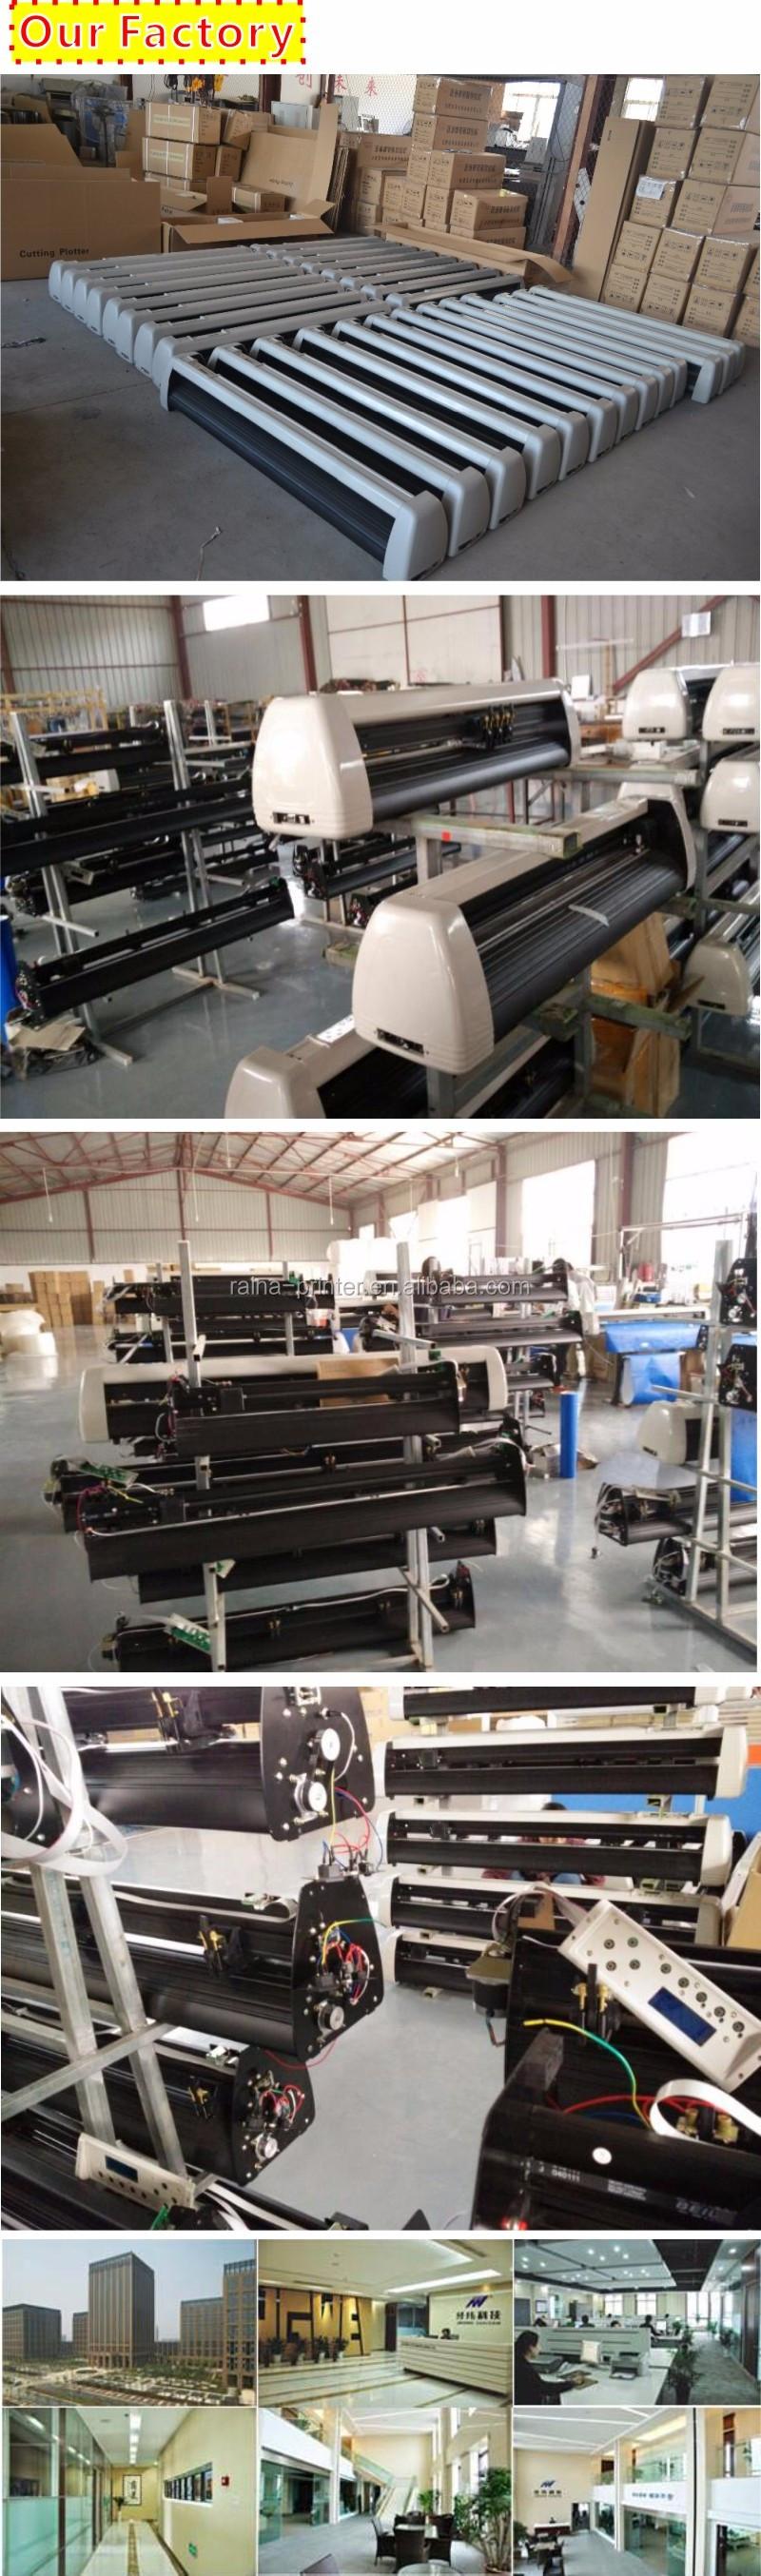 vinyl sticker making machine